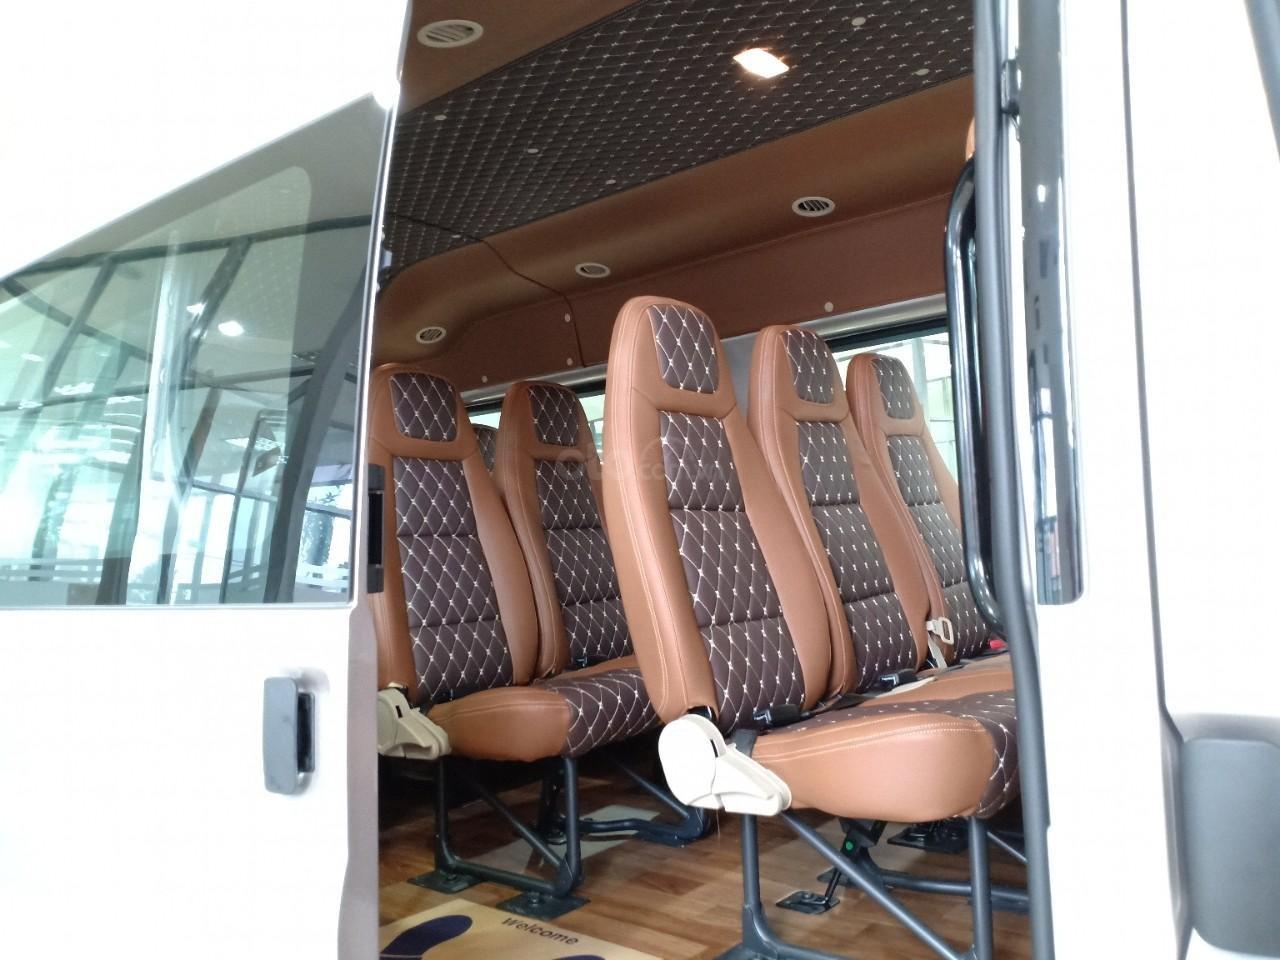 Bán Ford Transit mới, khuyến mãi lên tới 100 triệu, liên hệ Xuân Liên 089 86 89 076 (6)